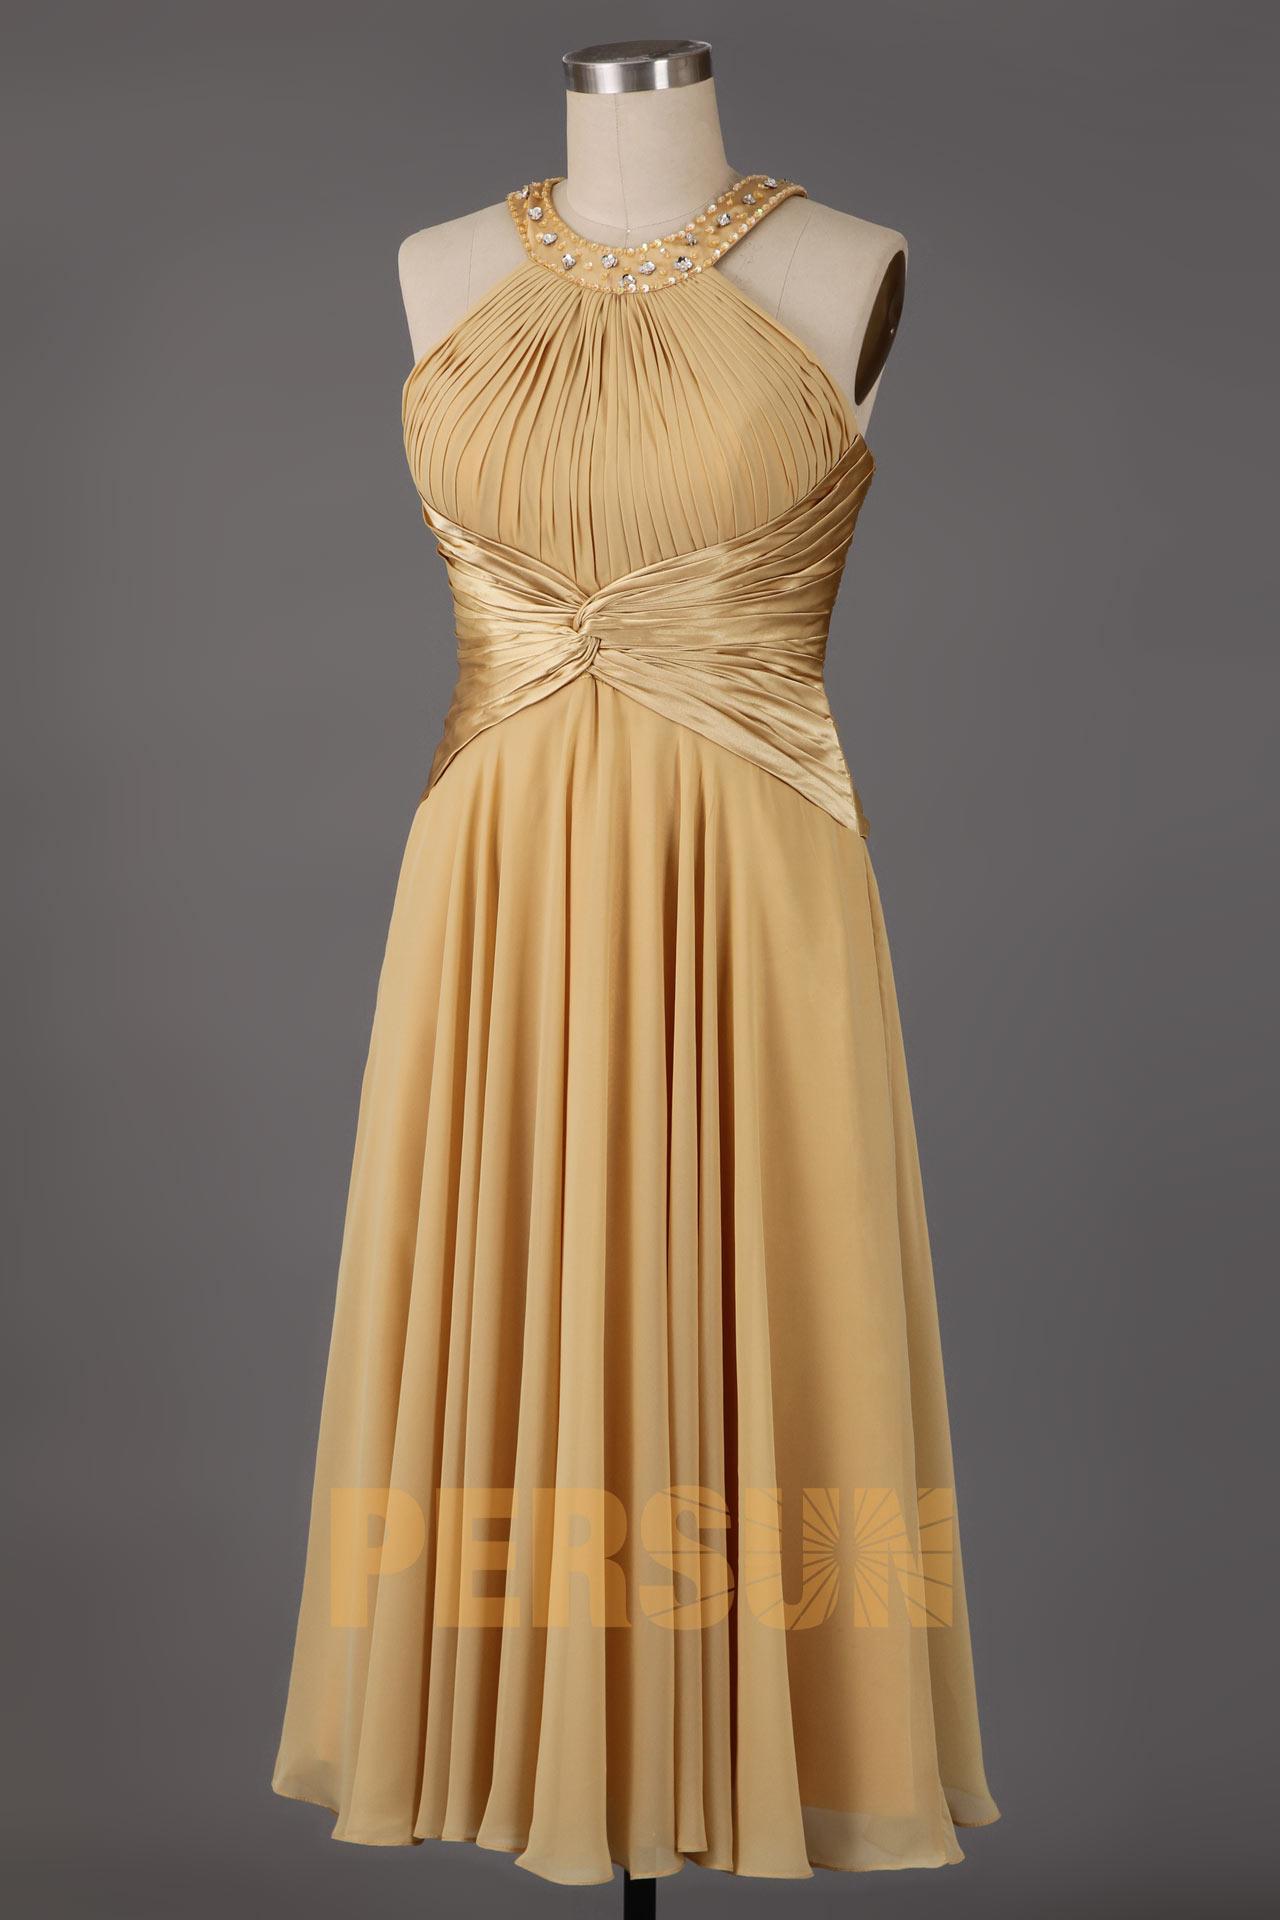 Robe de cocktail plissée avec bretelles tour de cou paillettées